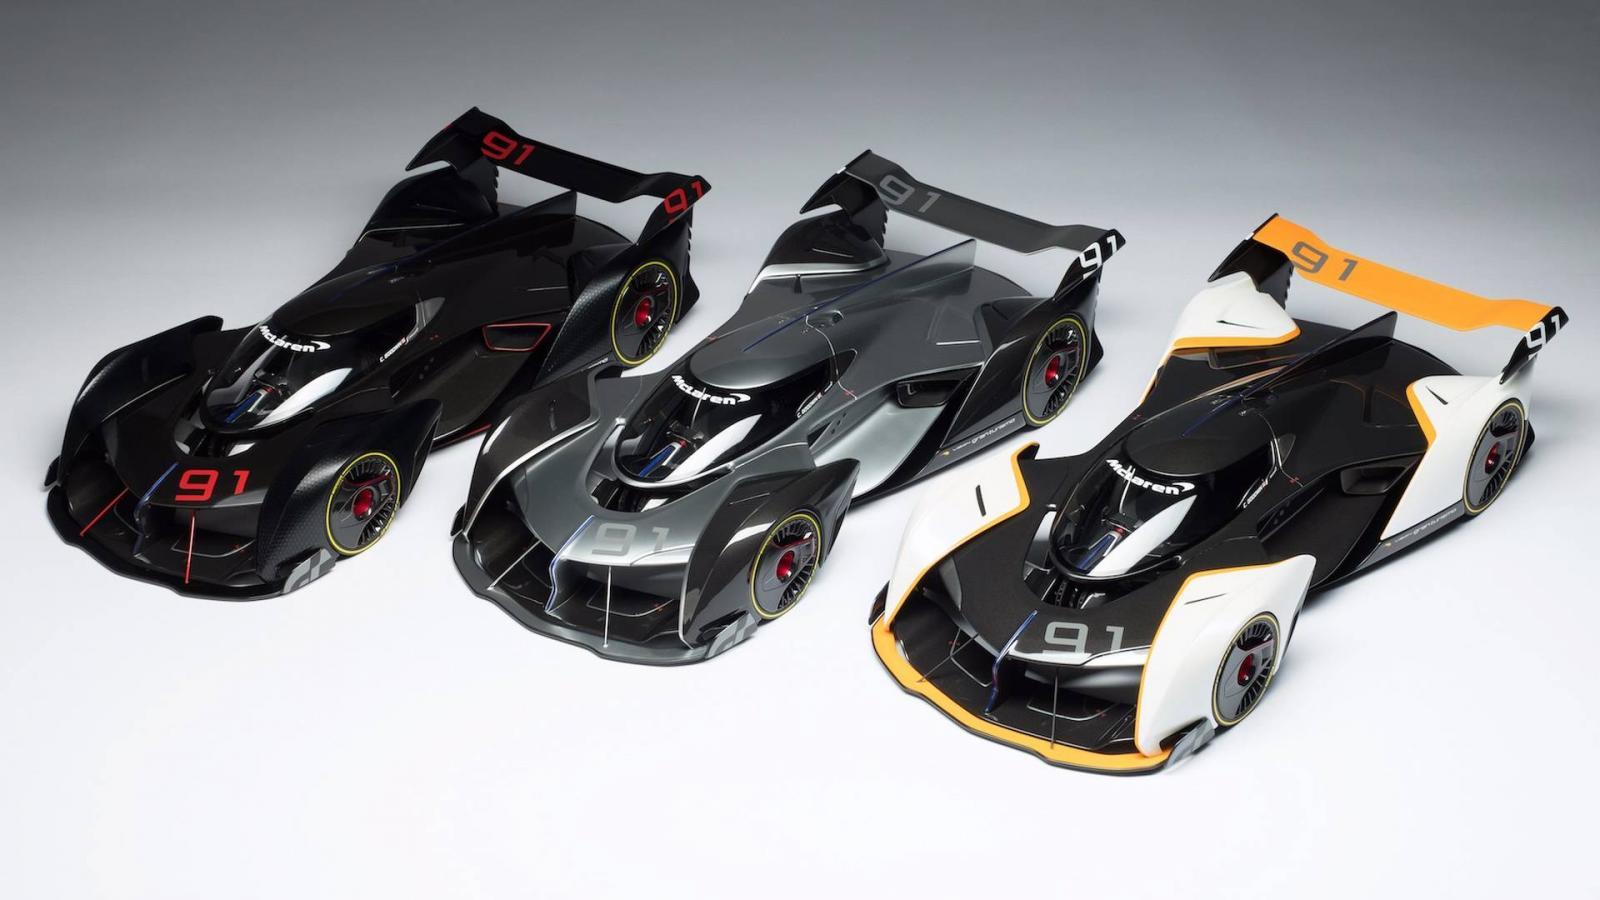 McLaren Vision Gran Turismo Concept